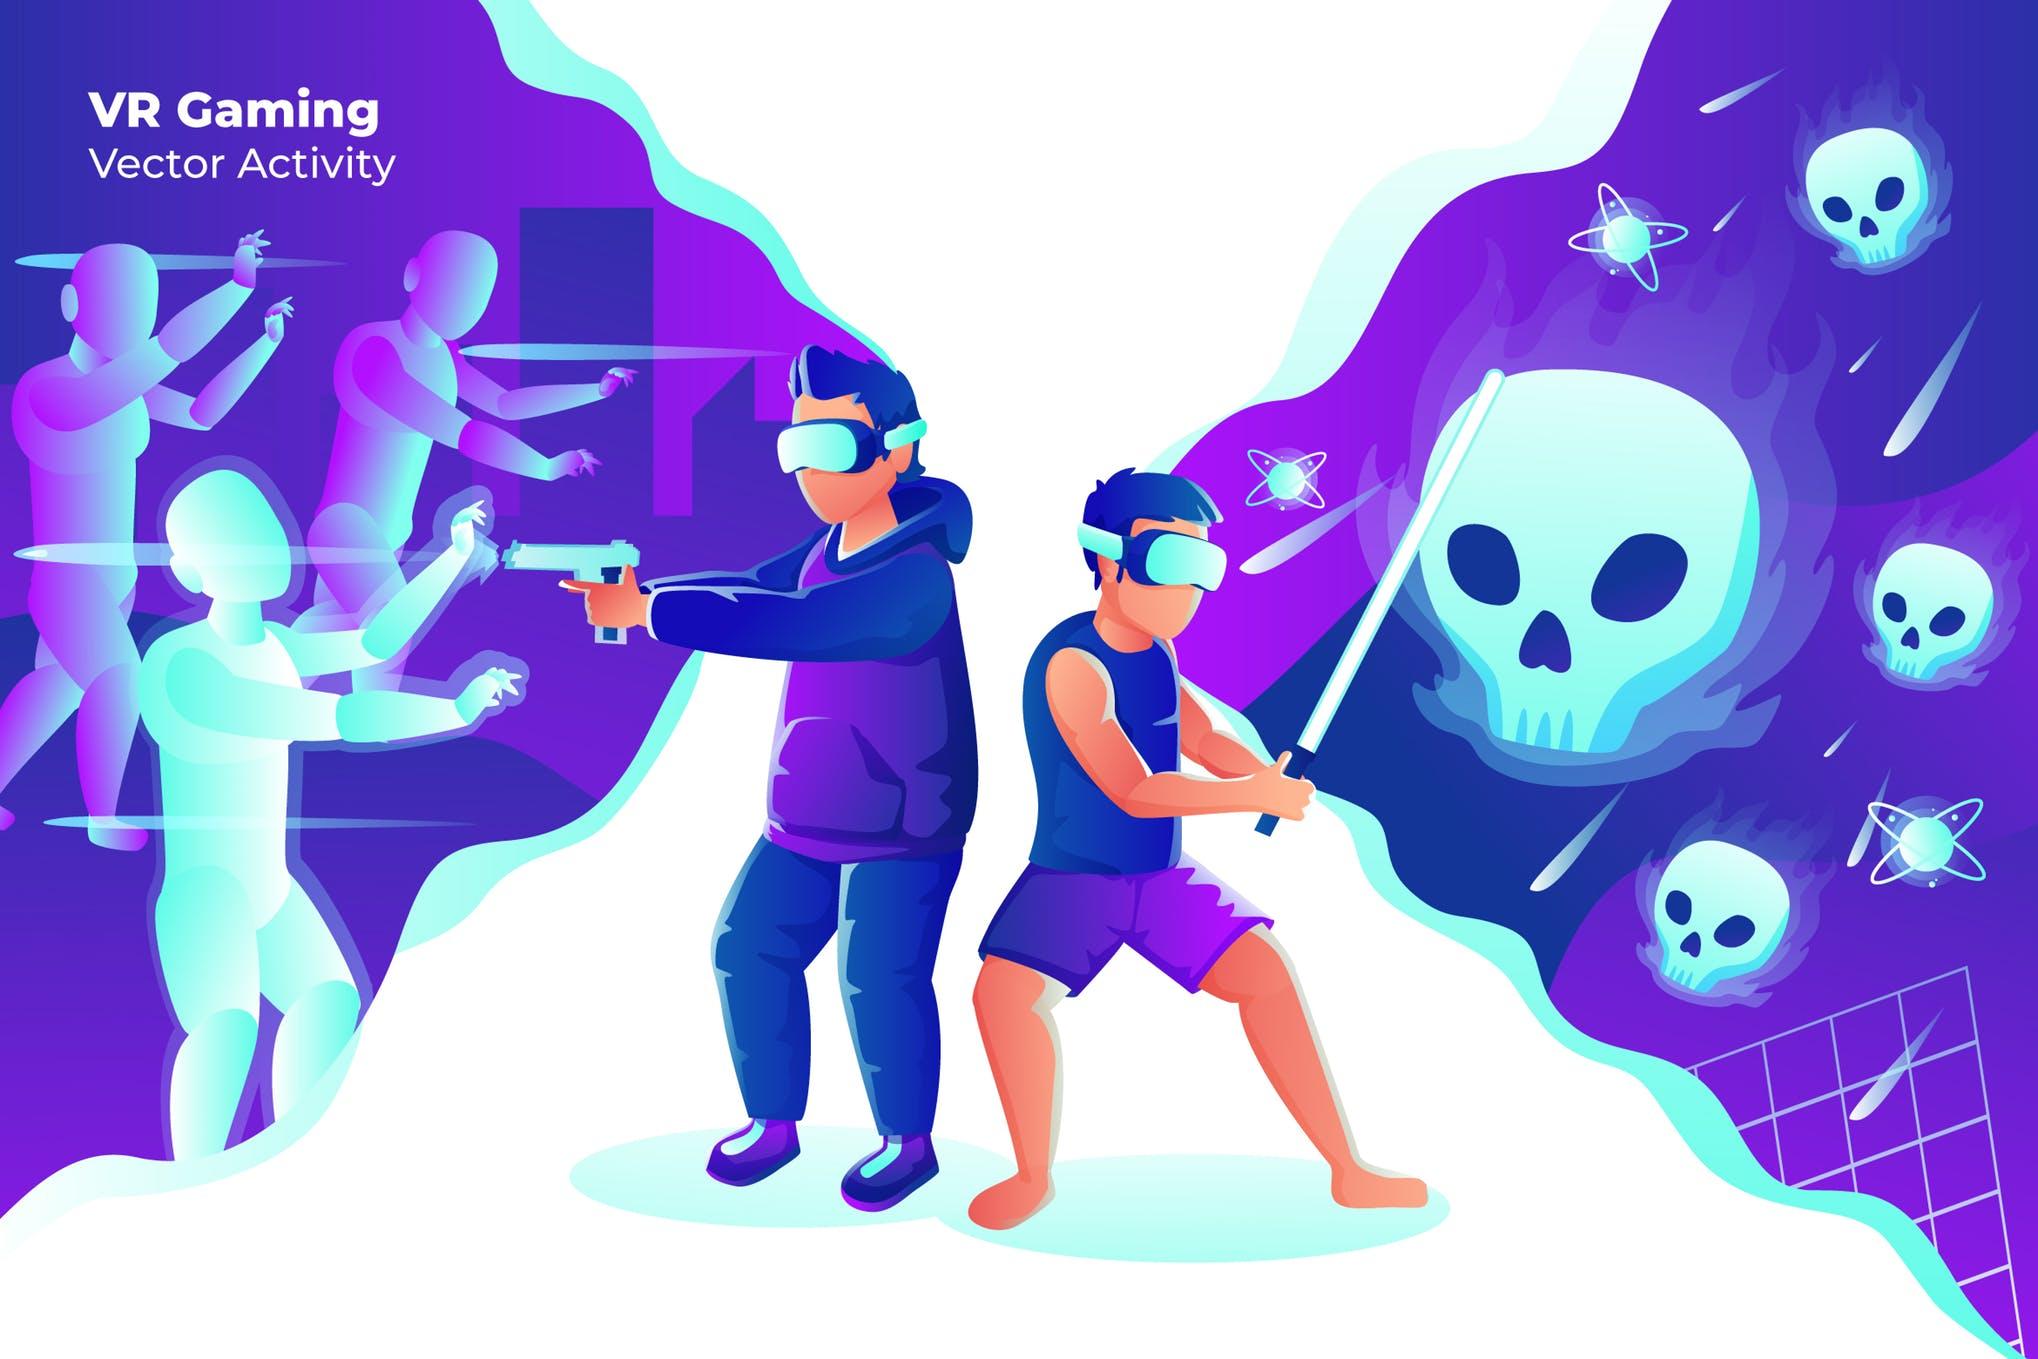 VR游戏矢量插画场景创意素材下载VR Gaming - Vector Illustration